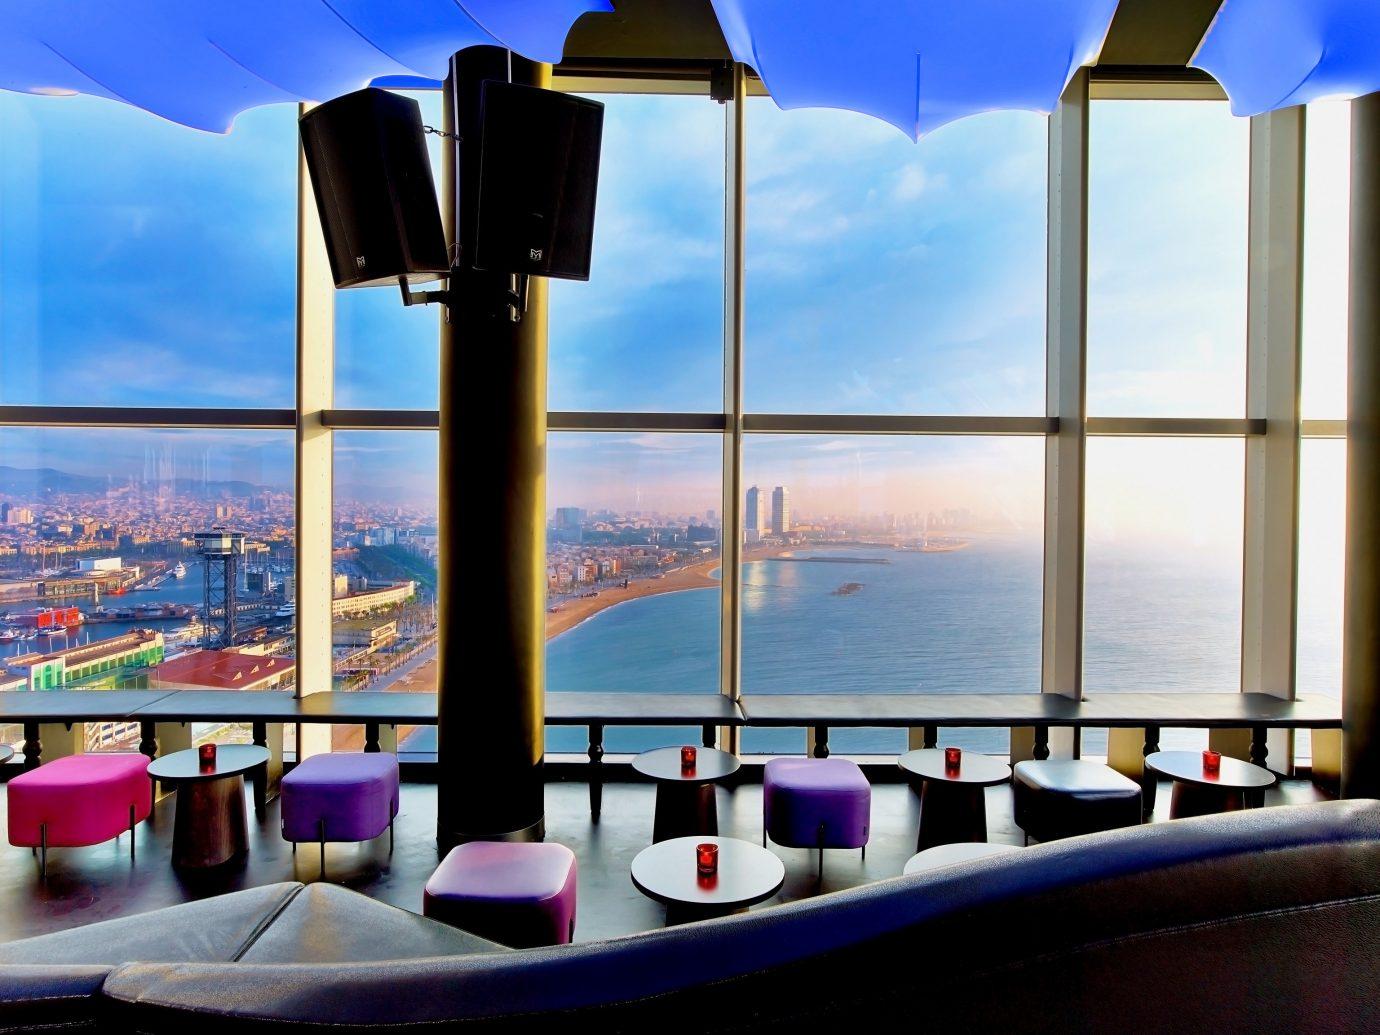 Hotels sky window restaurant Resort vacation lighting interior design overlooking